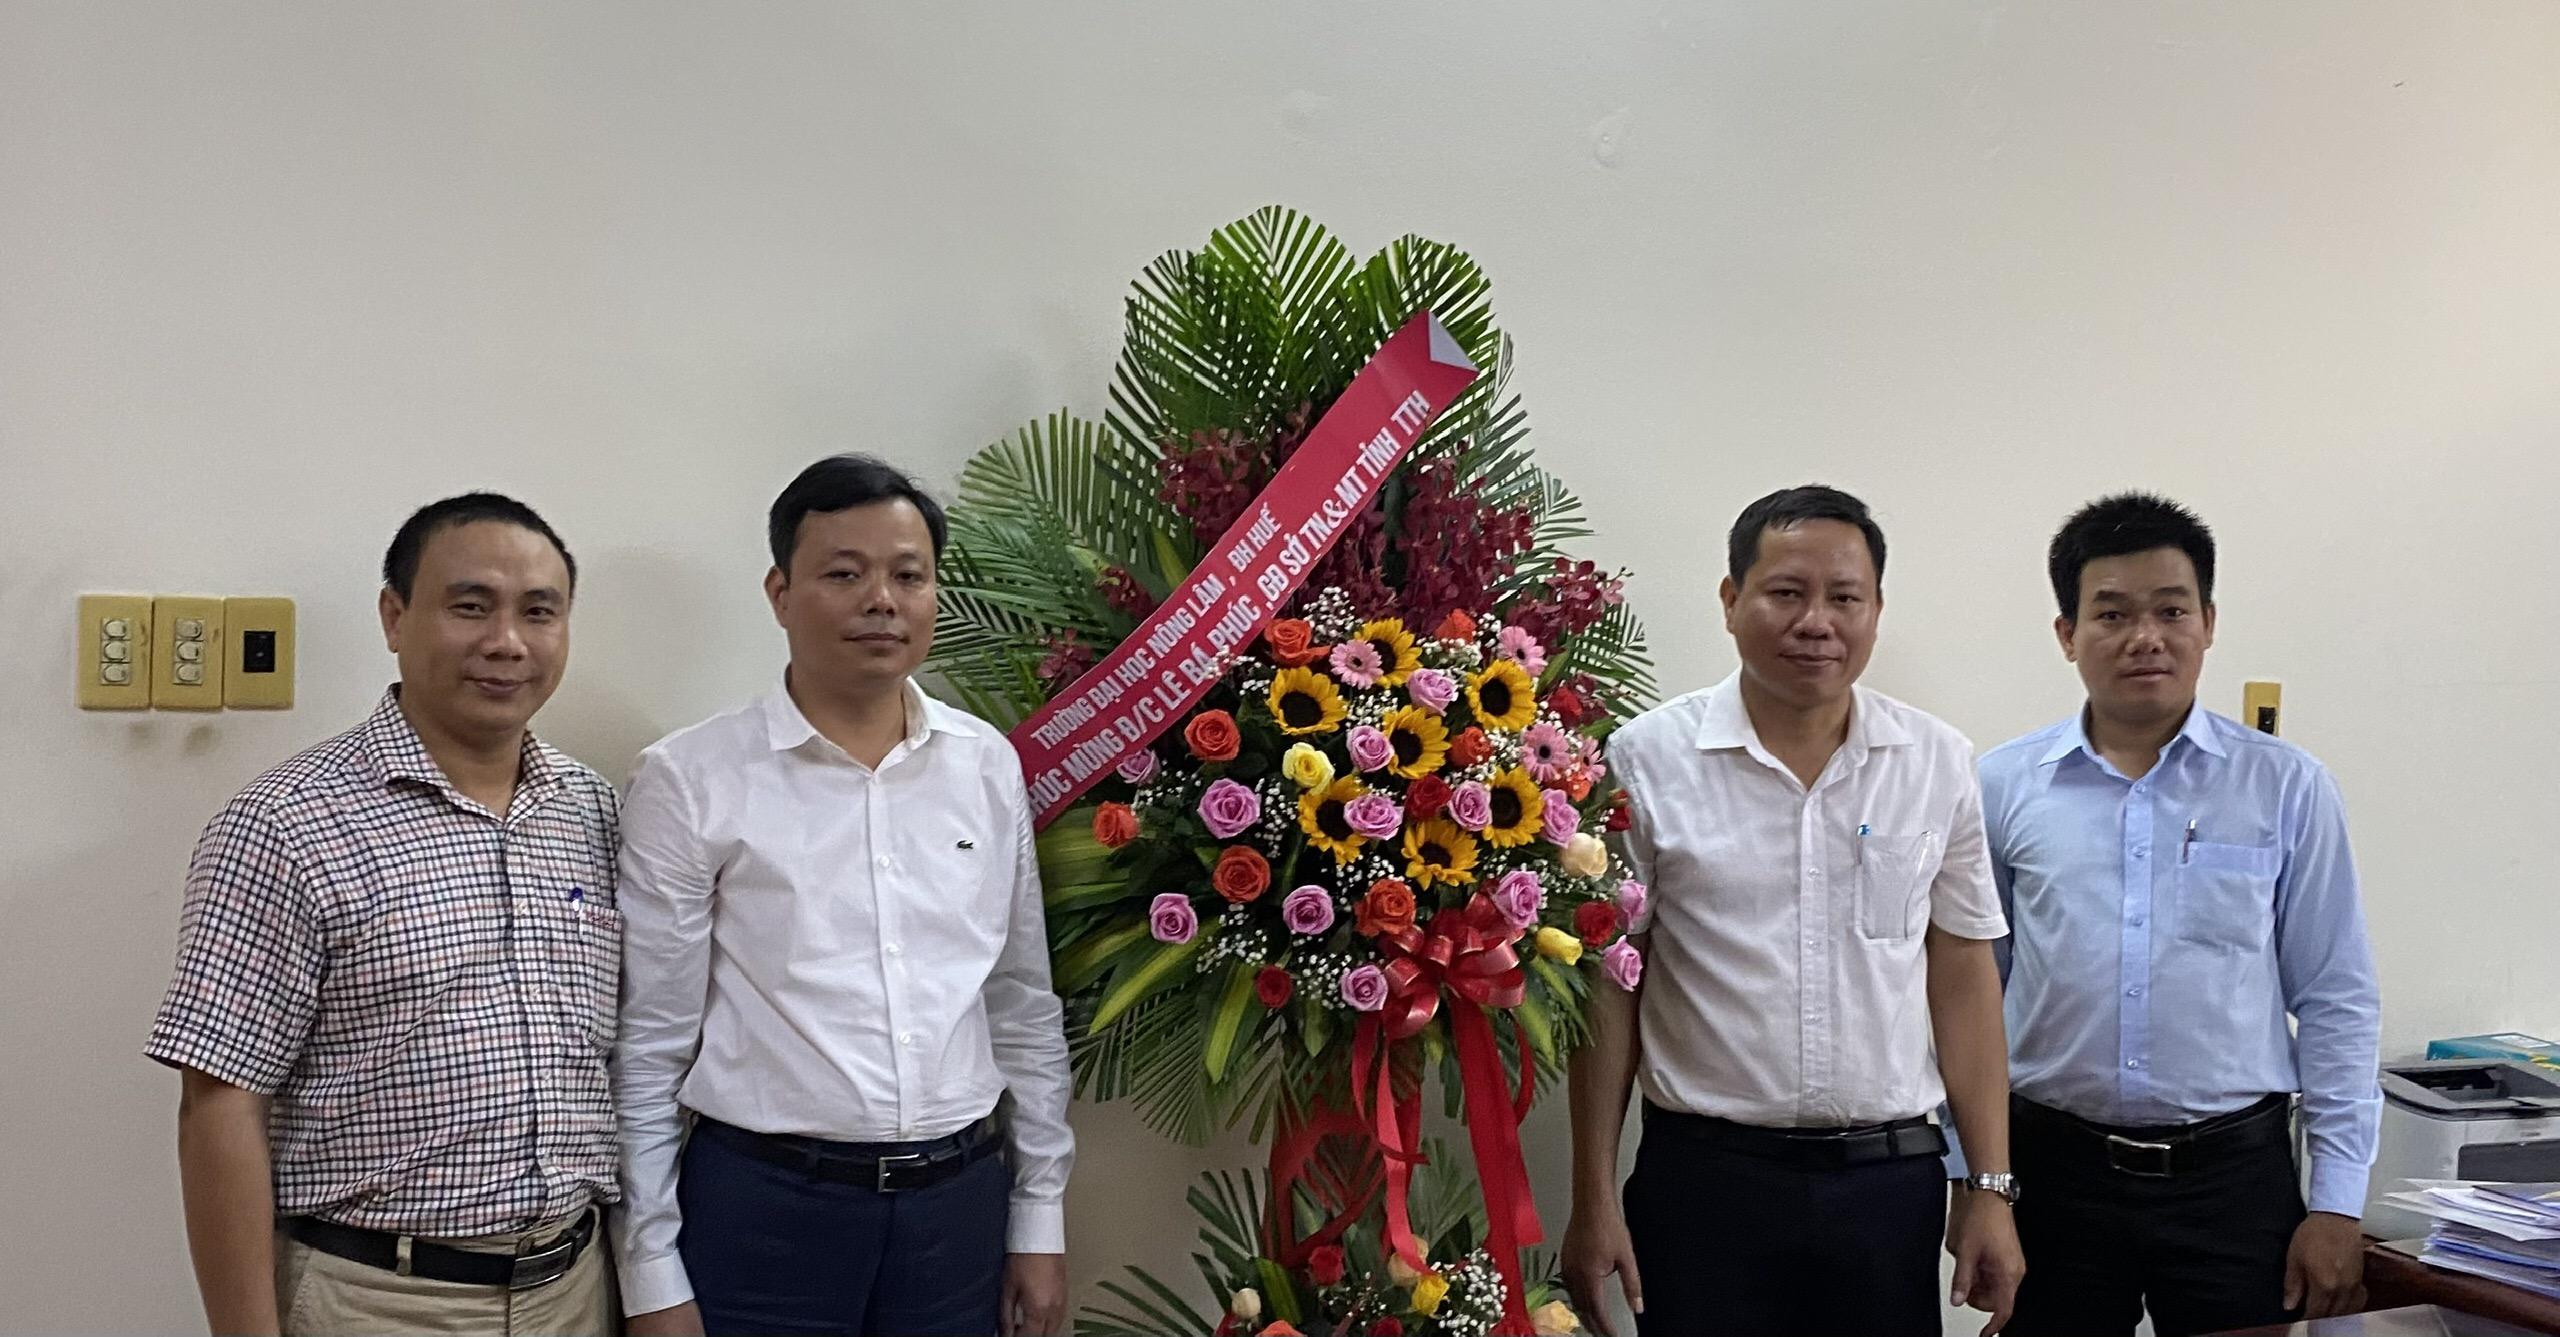 PGS.TS. Trần Thanh Đức, Hiệu trưởng trường ĐHNL, ĐHH tặng hoa chúc mừng Tân Giám đốc Sở TN&MT